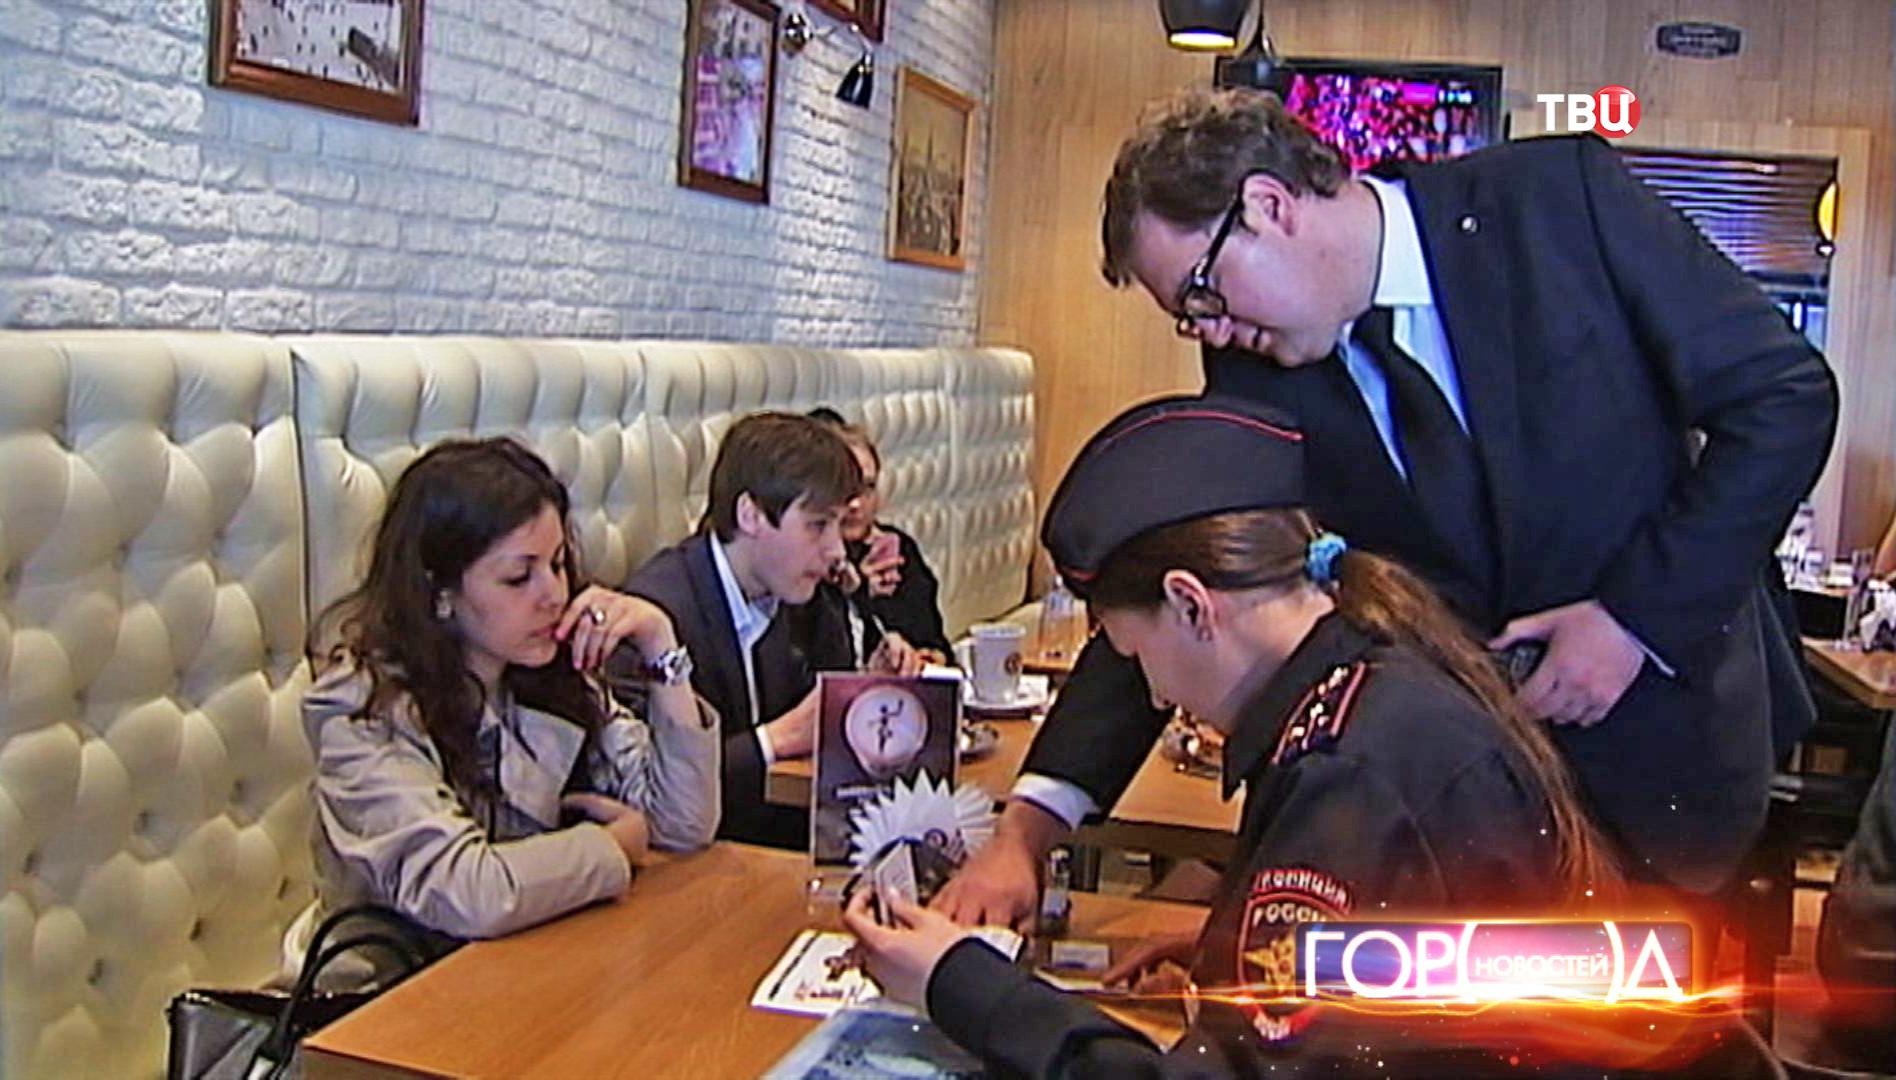 Проверка документов у посетителя кафе